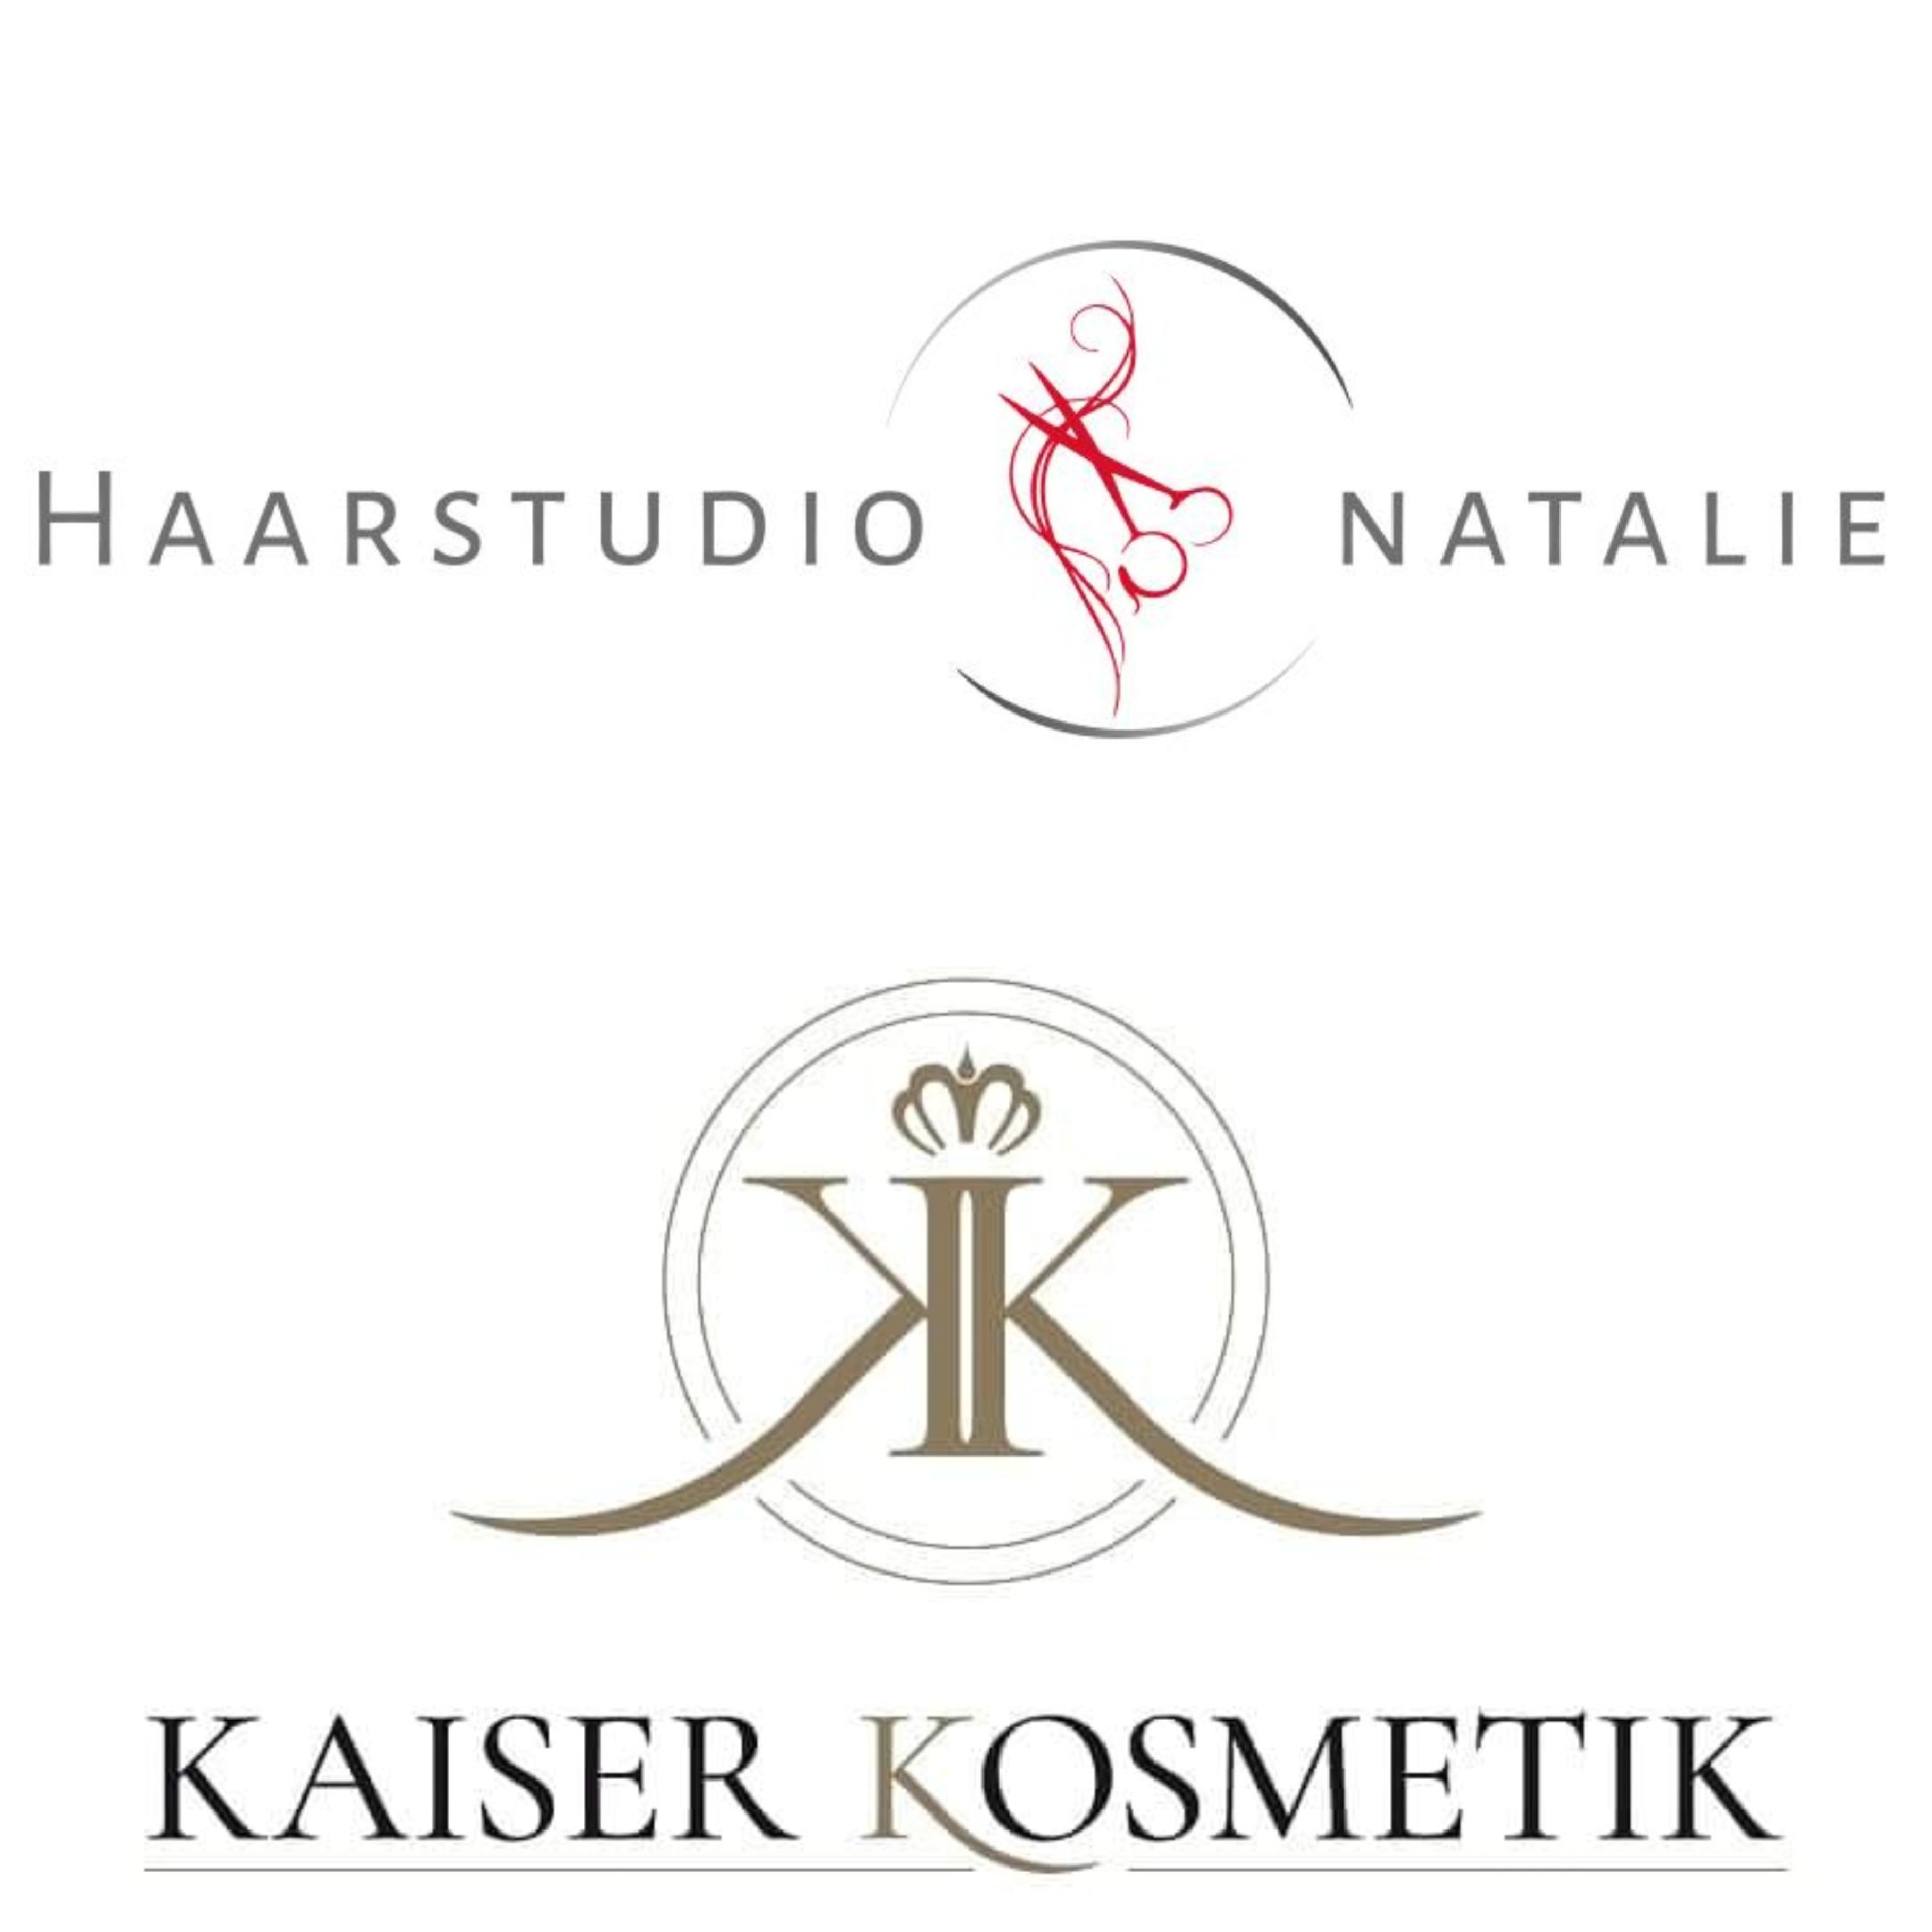 Bild zu Haarstudio Natalie & Kaiser Kosmetik in Memmingen